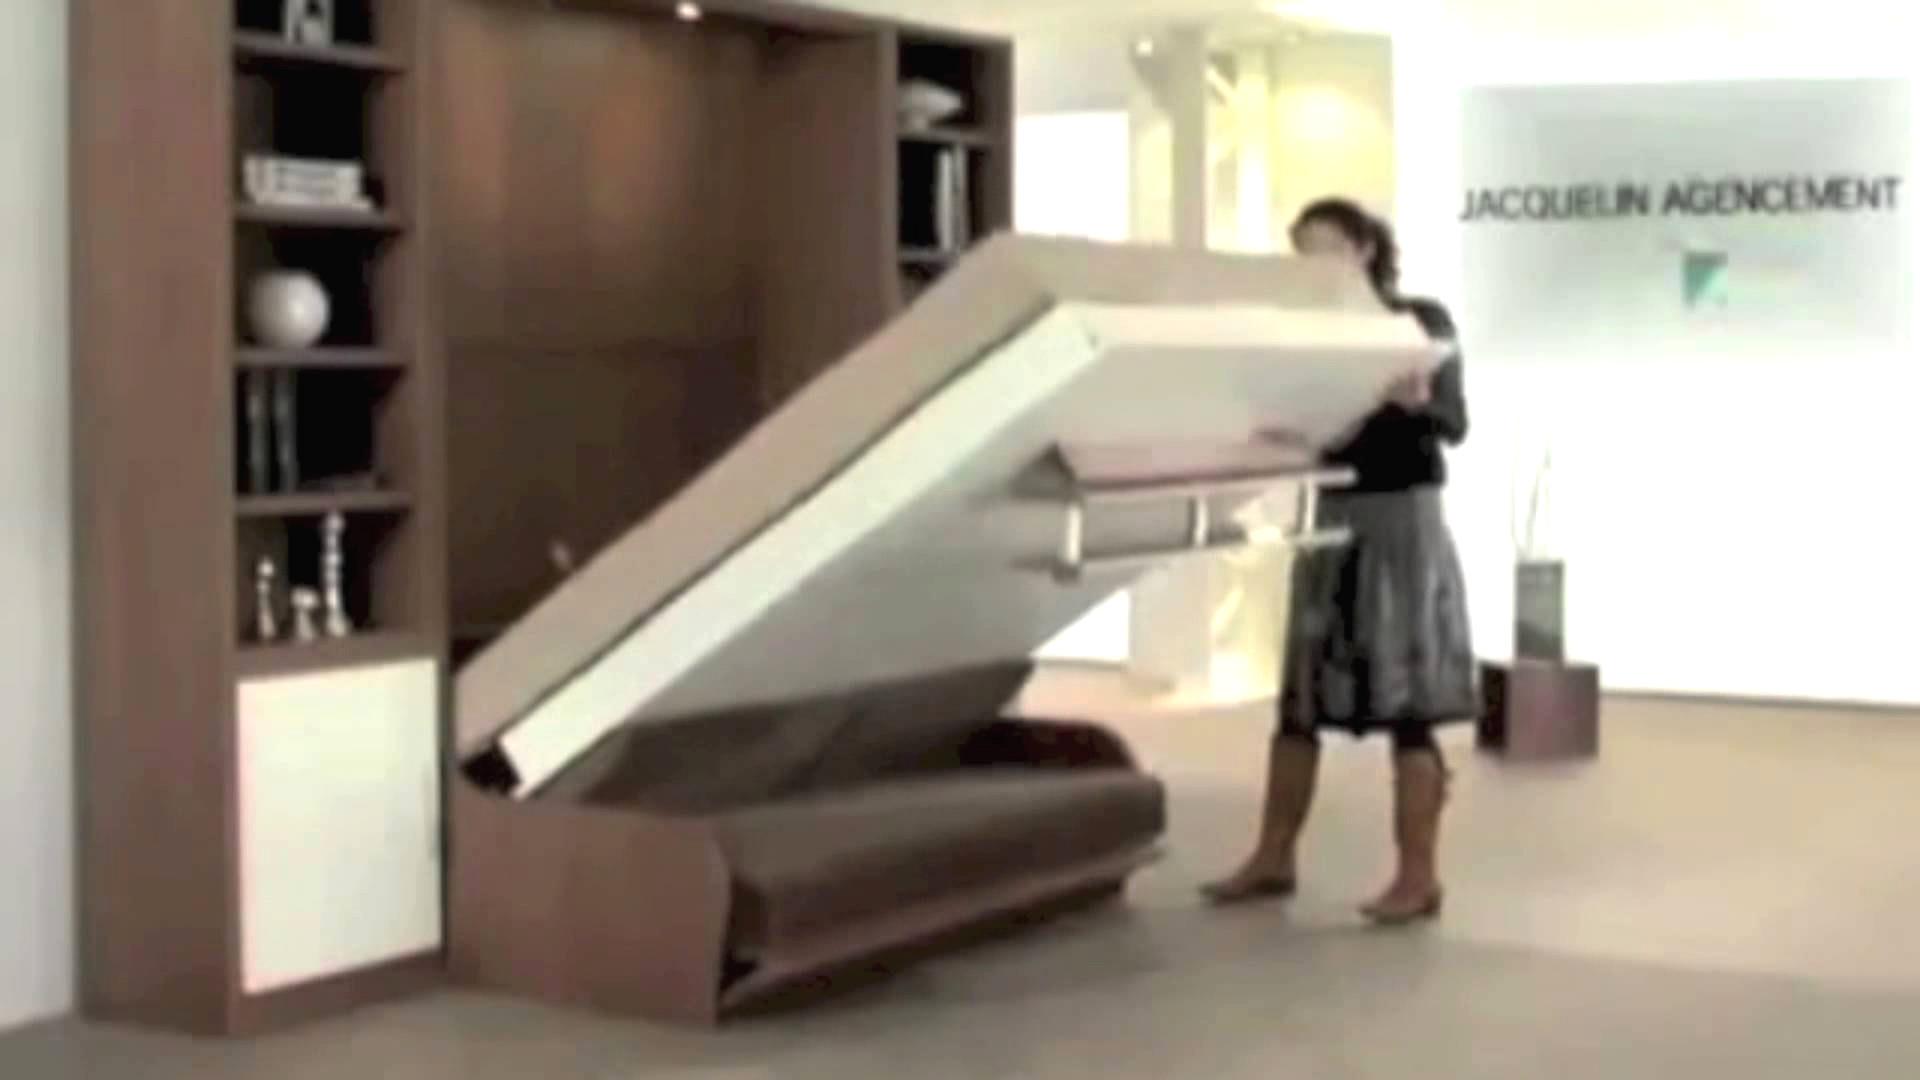 Lit Canapé Escamotable Ikea Impressionnant Photos 23 Beau En Ligne Lit Escamotable Avec Canap Inspiration Maison Avec